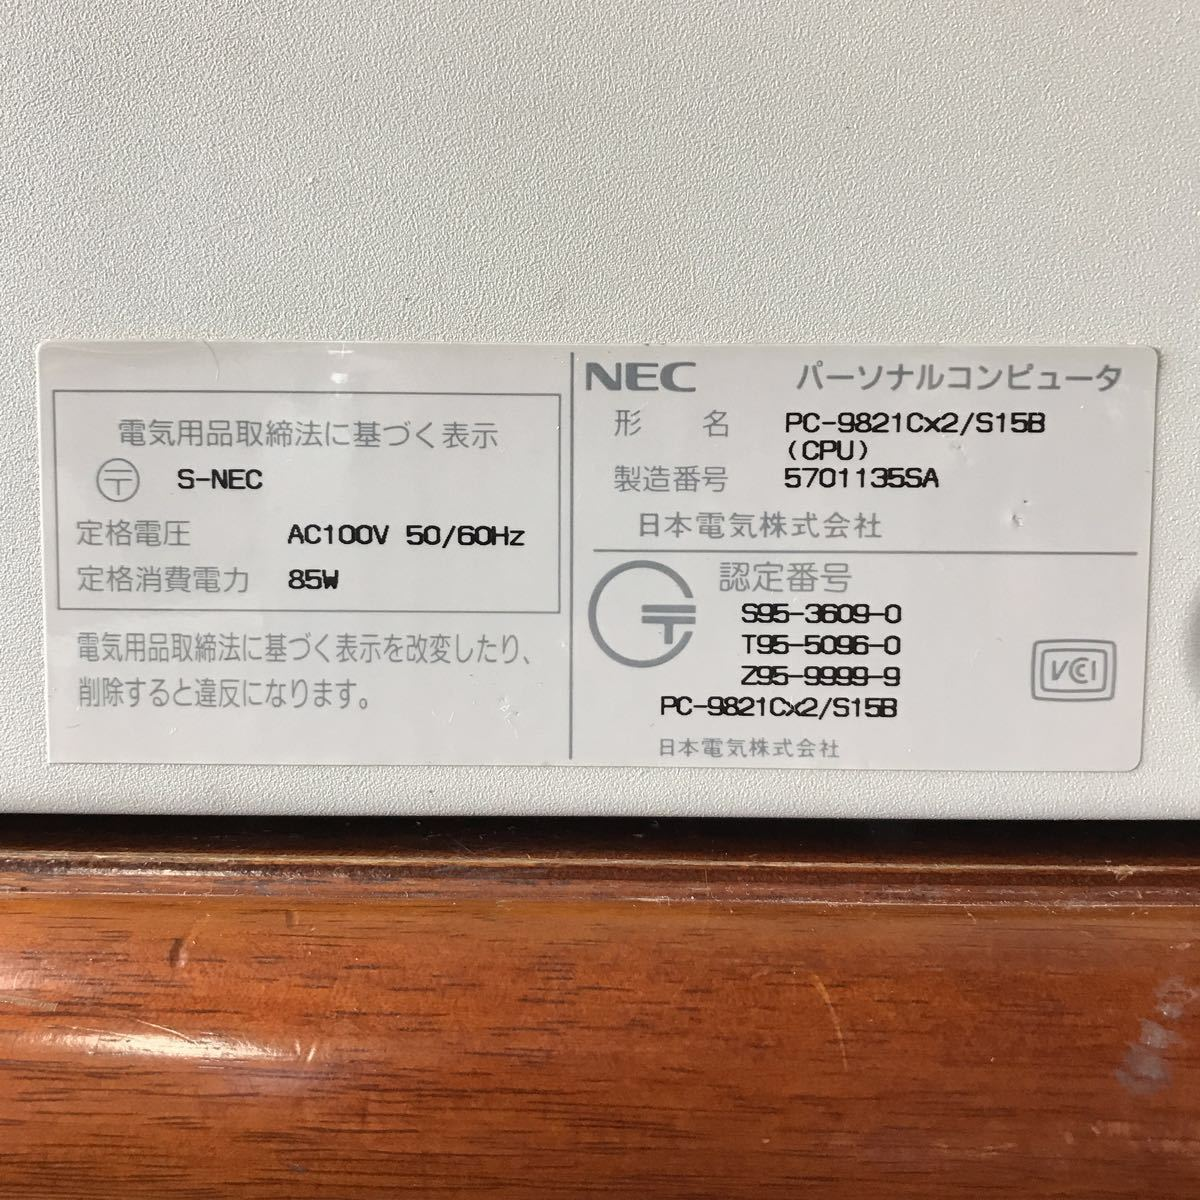 NEC パーソナルコンピューター PC-9821 Cx2 / S15B キーボード マウス セット 動作未確認 ジャンク_画像4